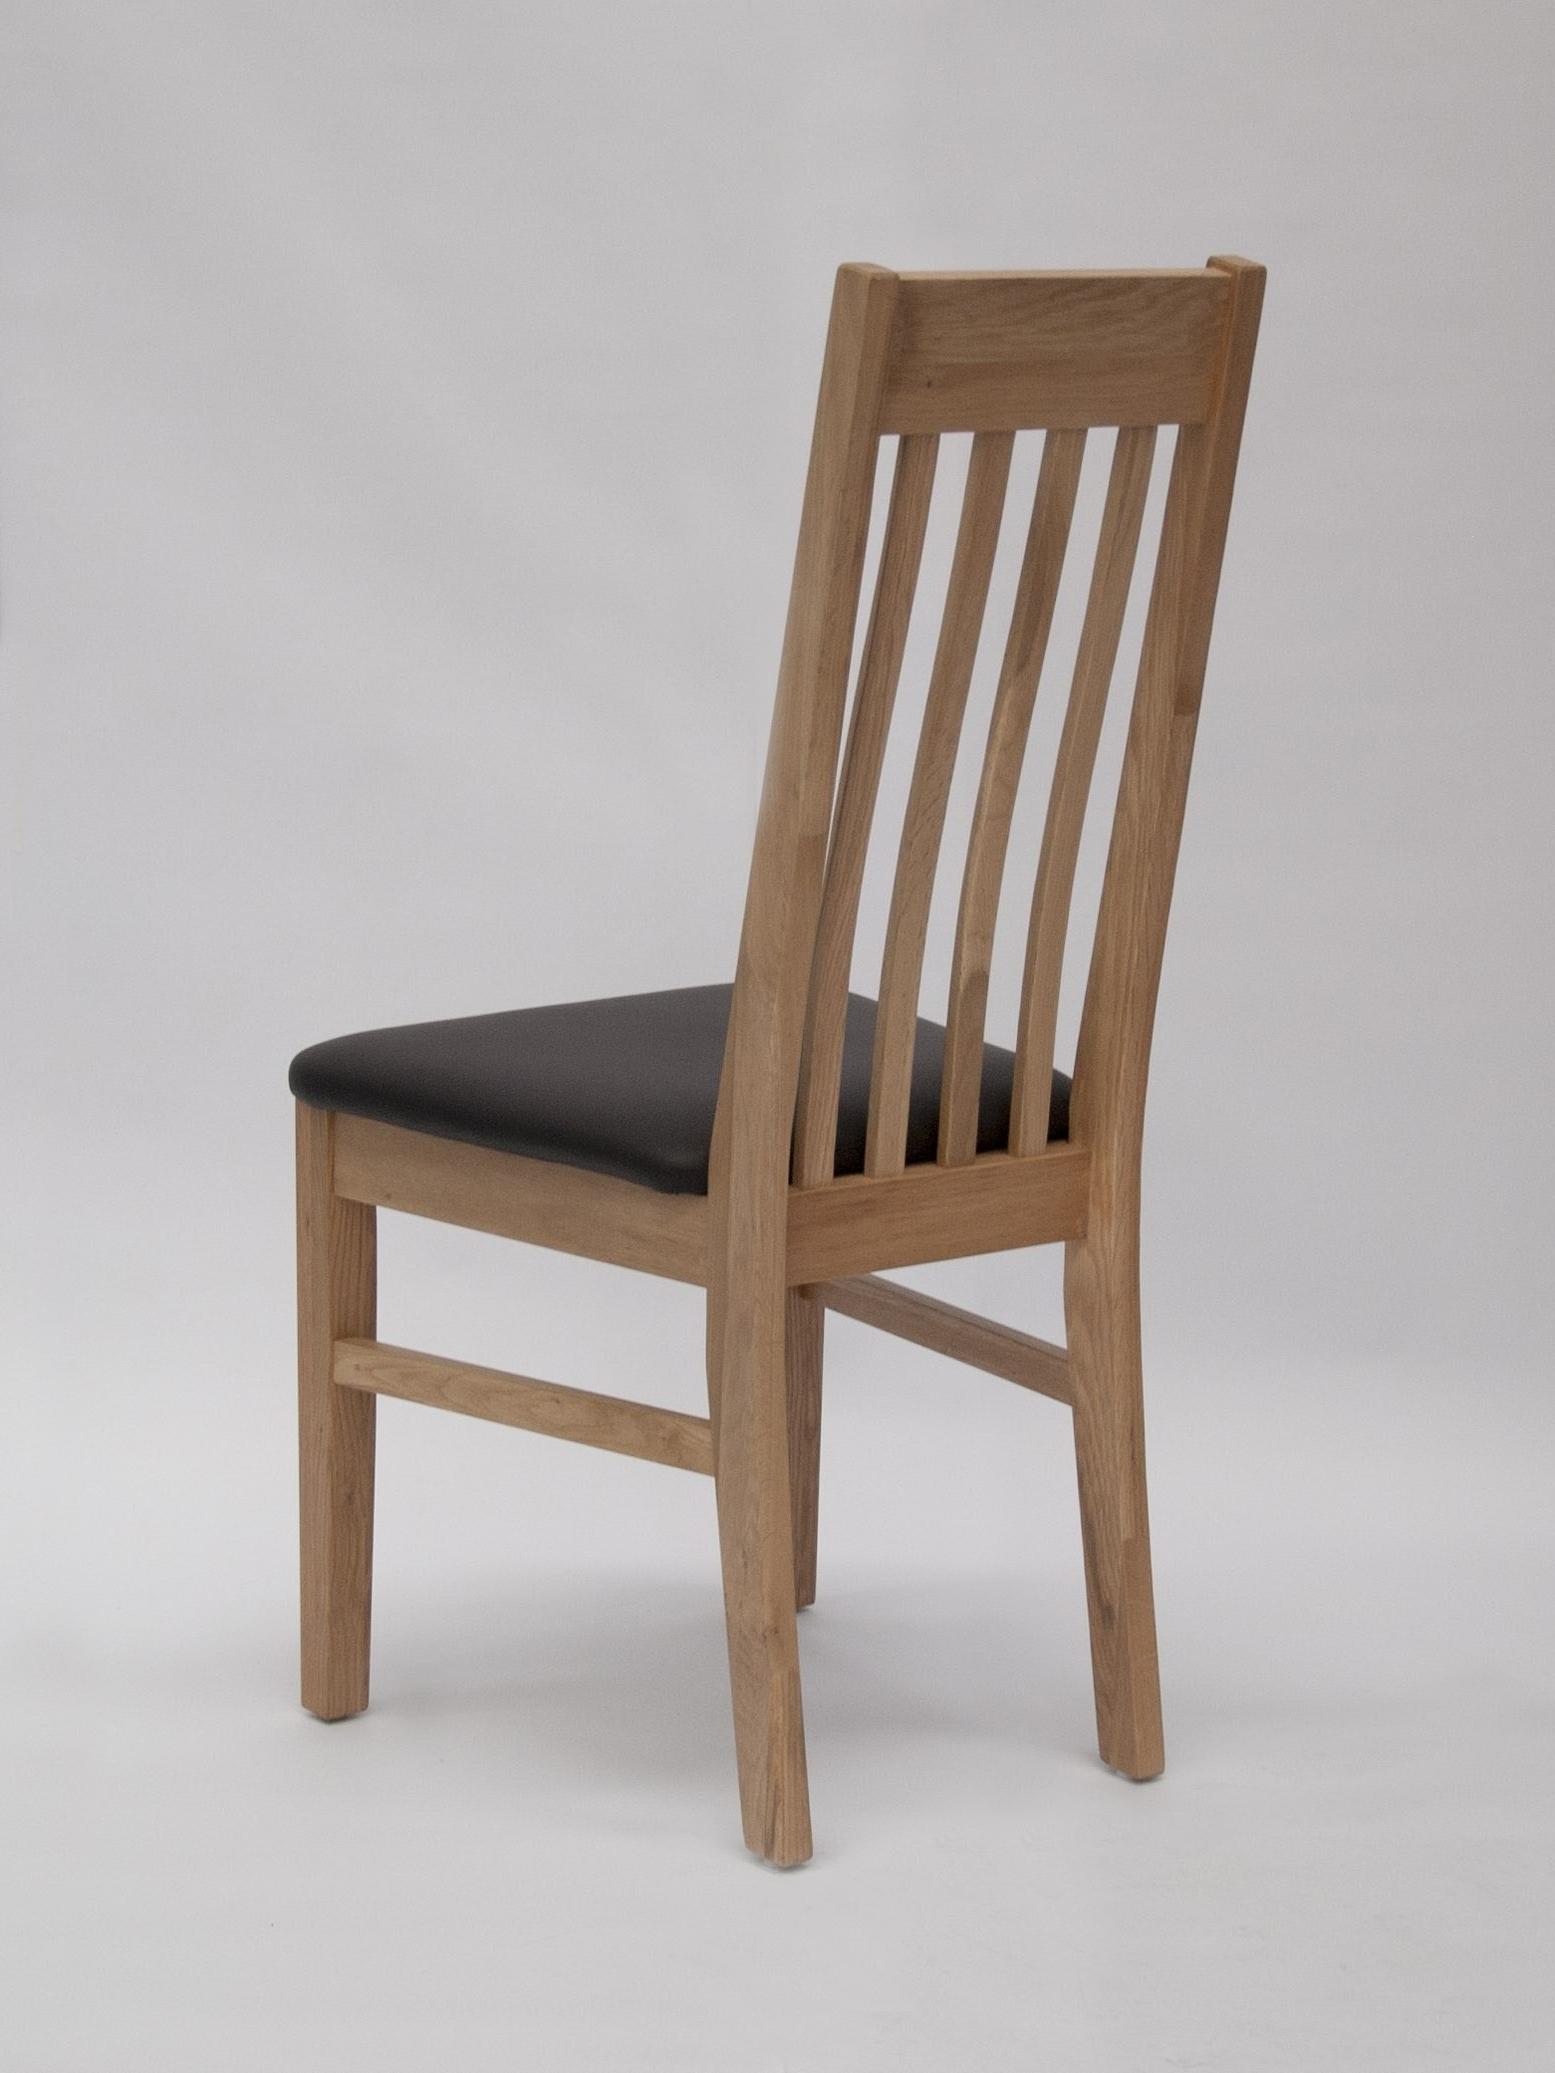 Oak Furniture Uk (View 16 of 25)